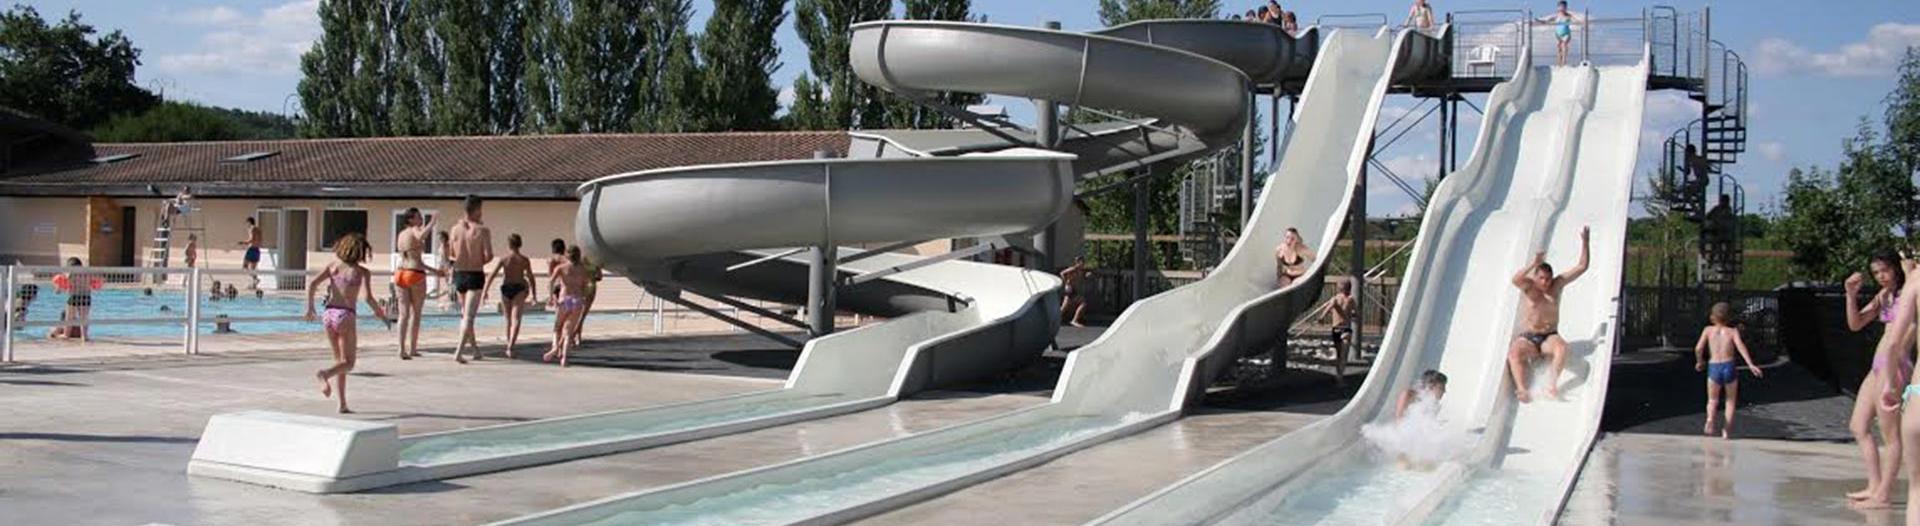 slider-plein-air-neuvicois-toboggans-aquatiques